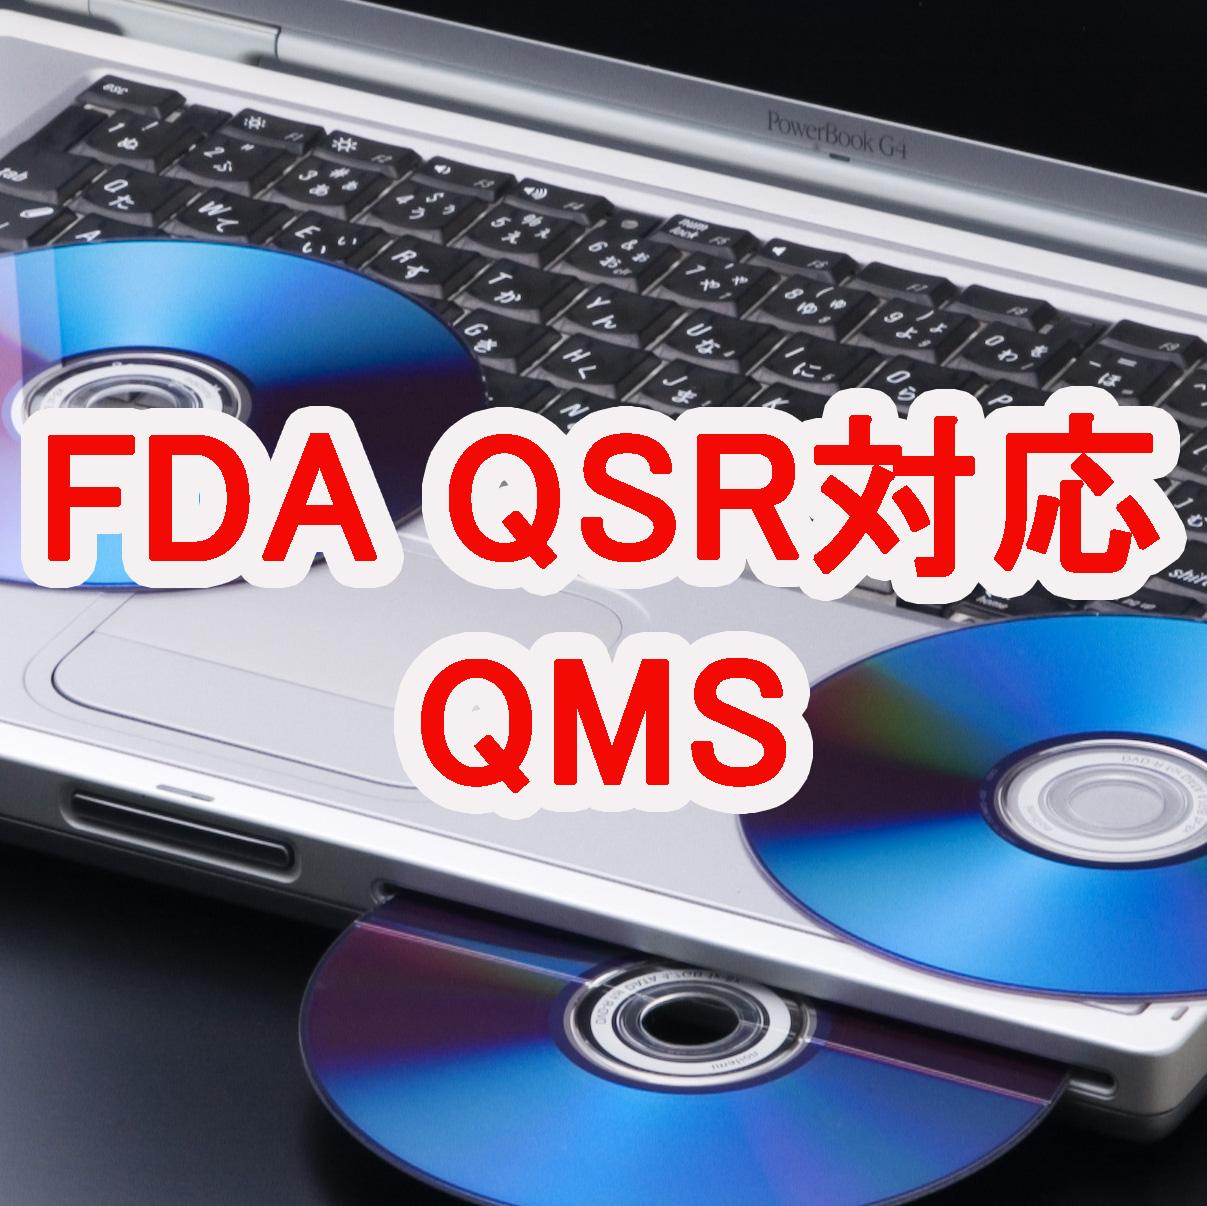 【FDA CFR 820 QSR対応】設計管理規程・手順書・様式